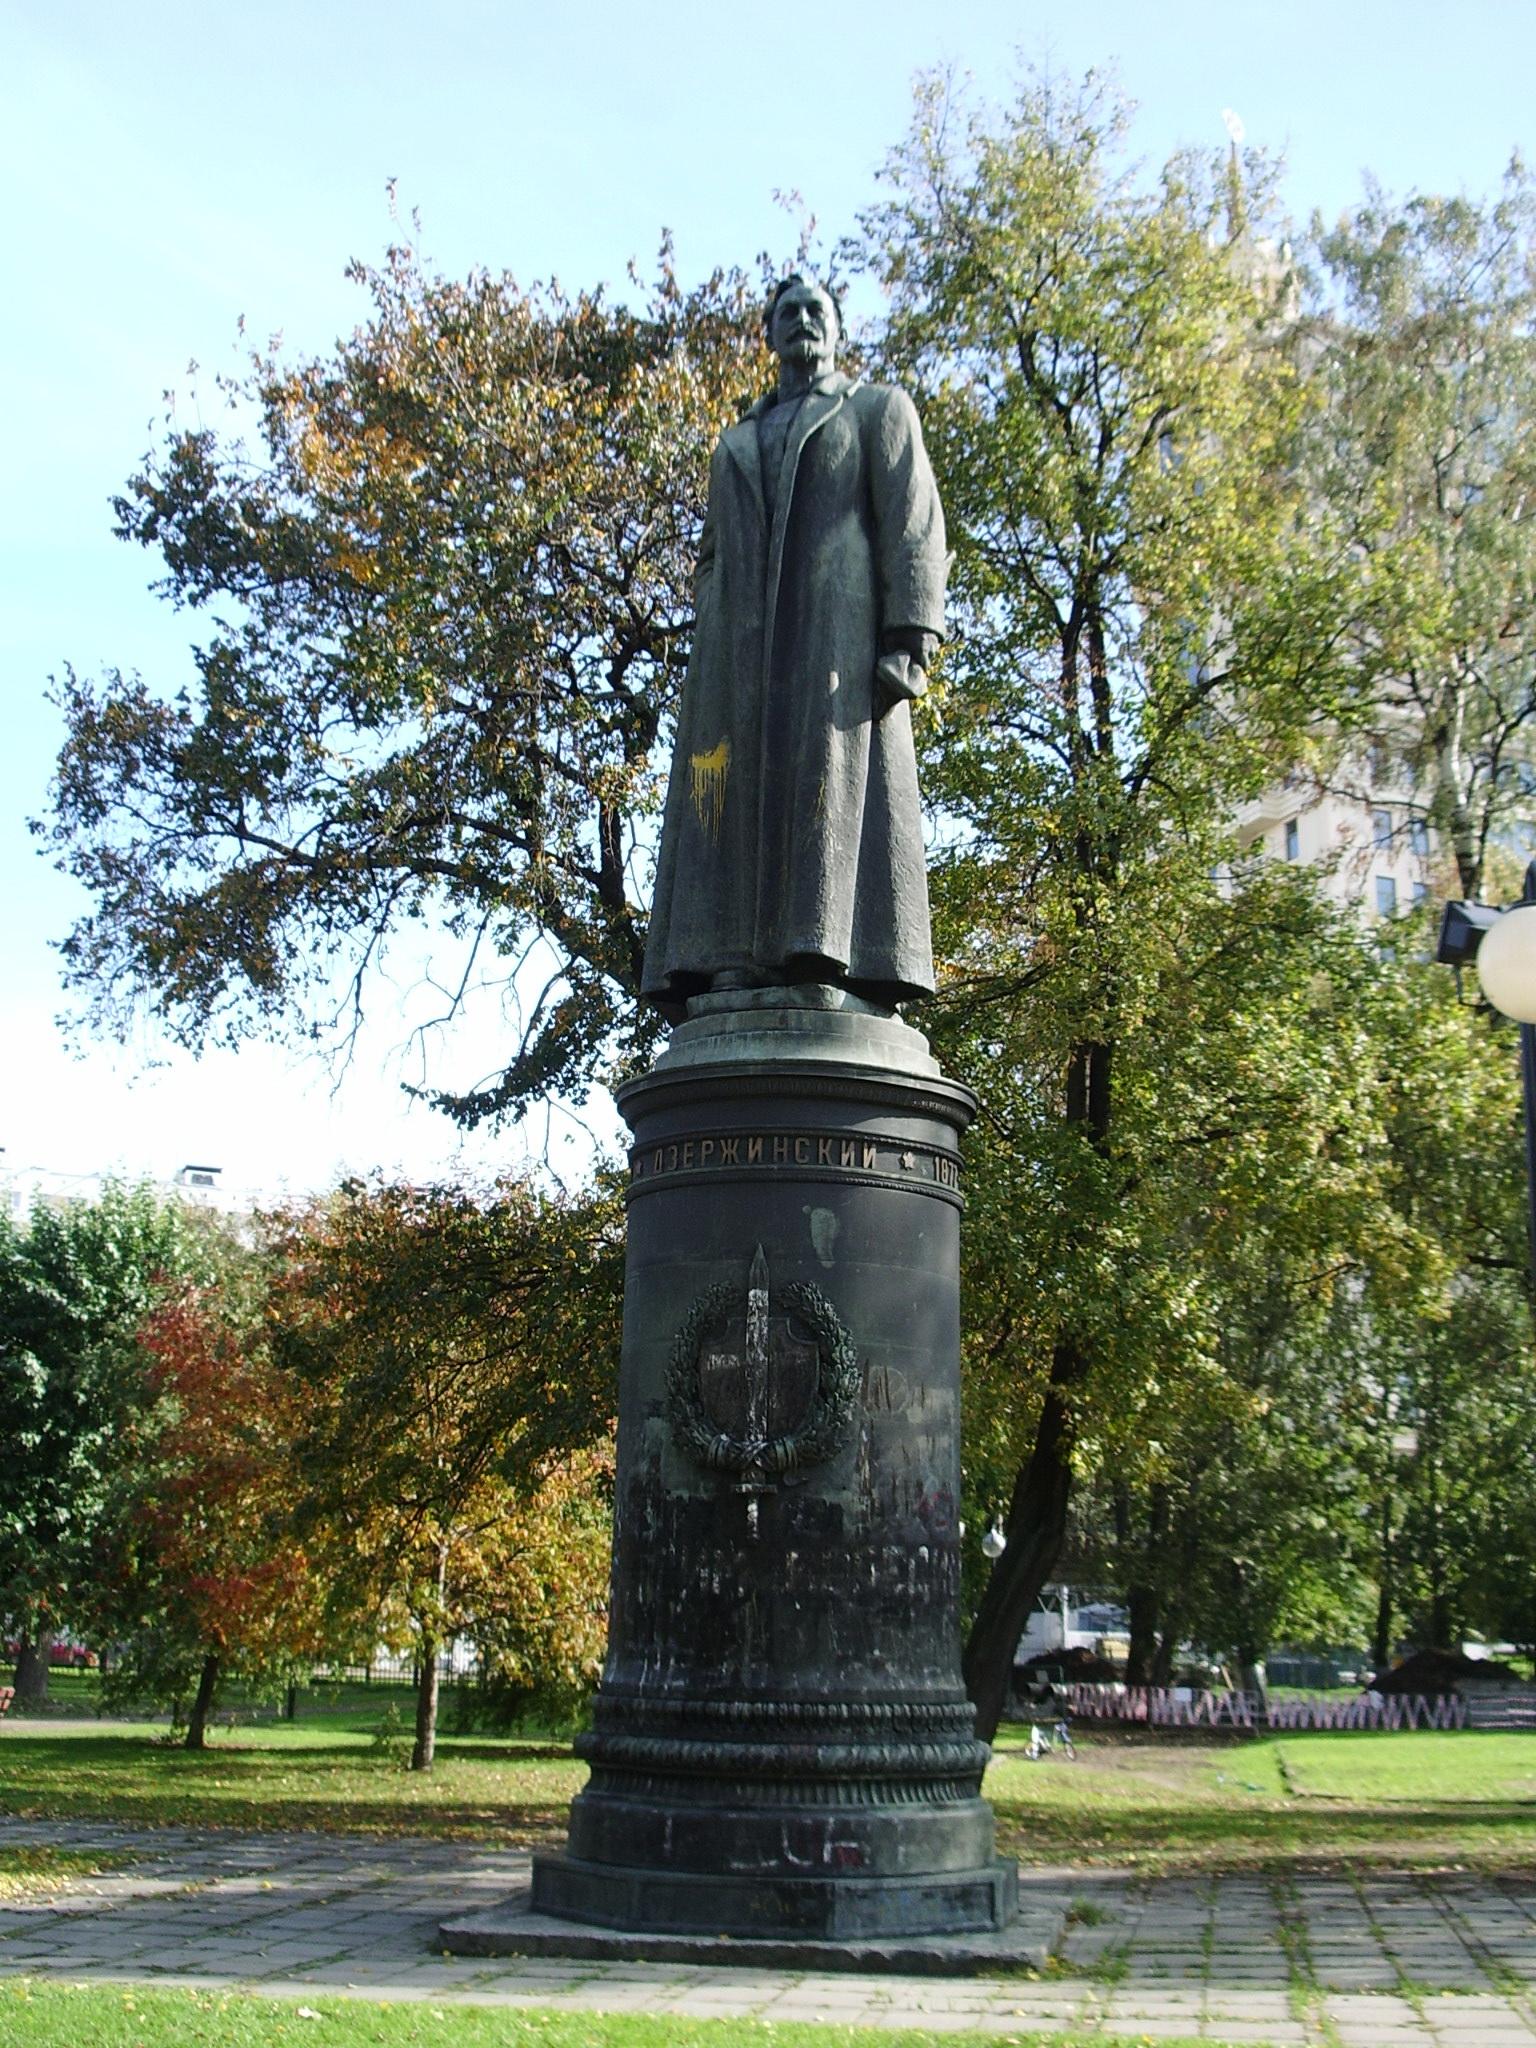 Известные скульптуры и памятники[править - править вики-текст]